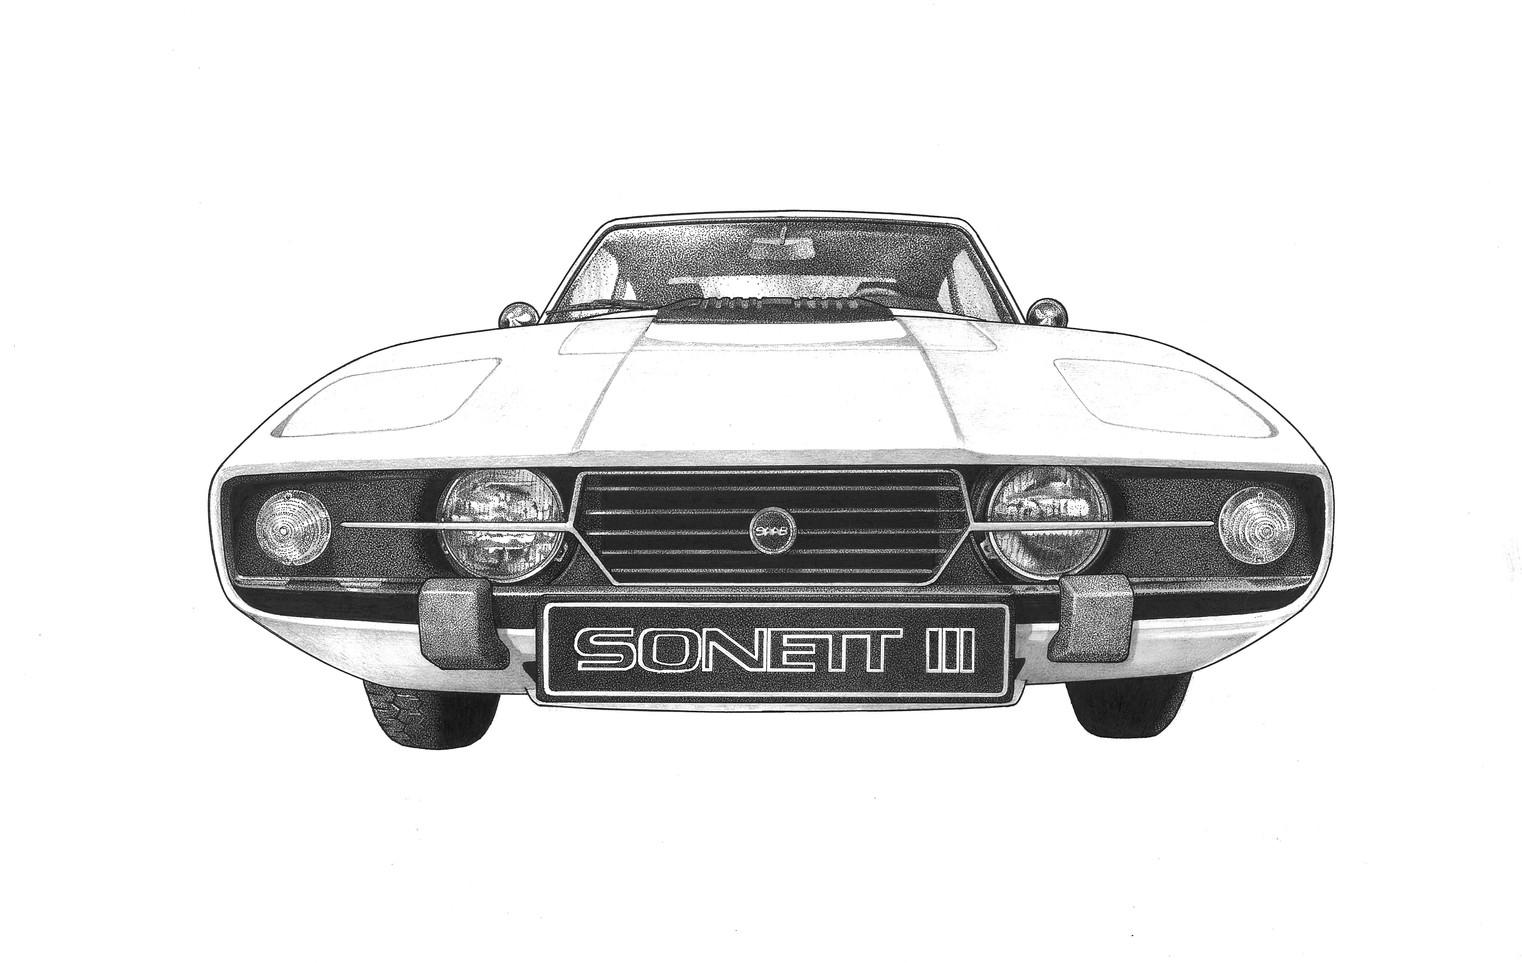 SONNET III illustration